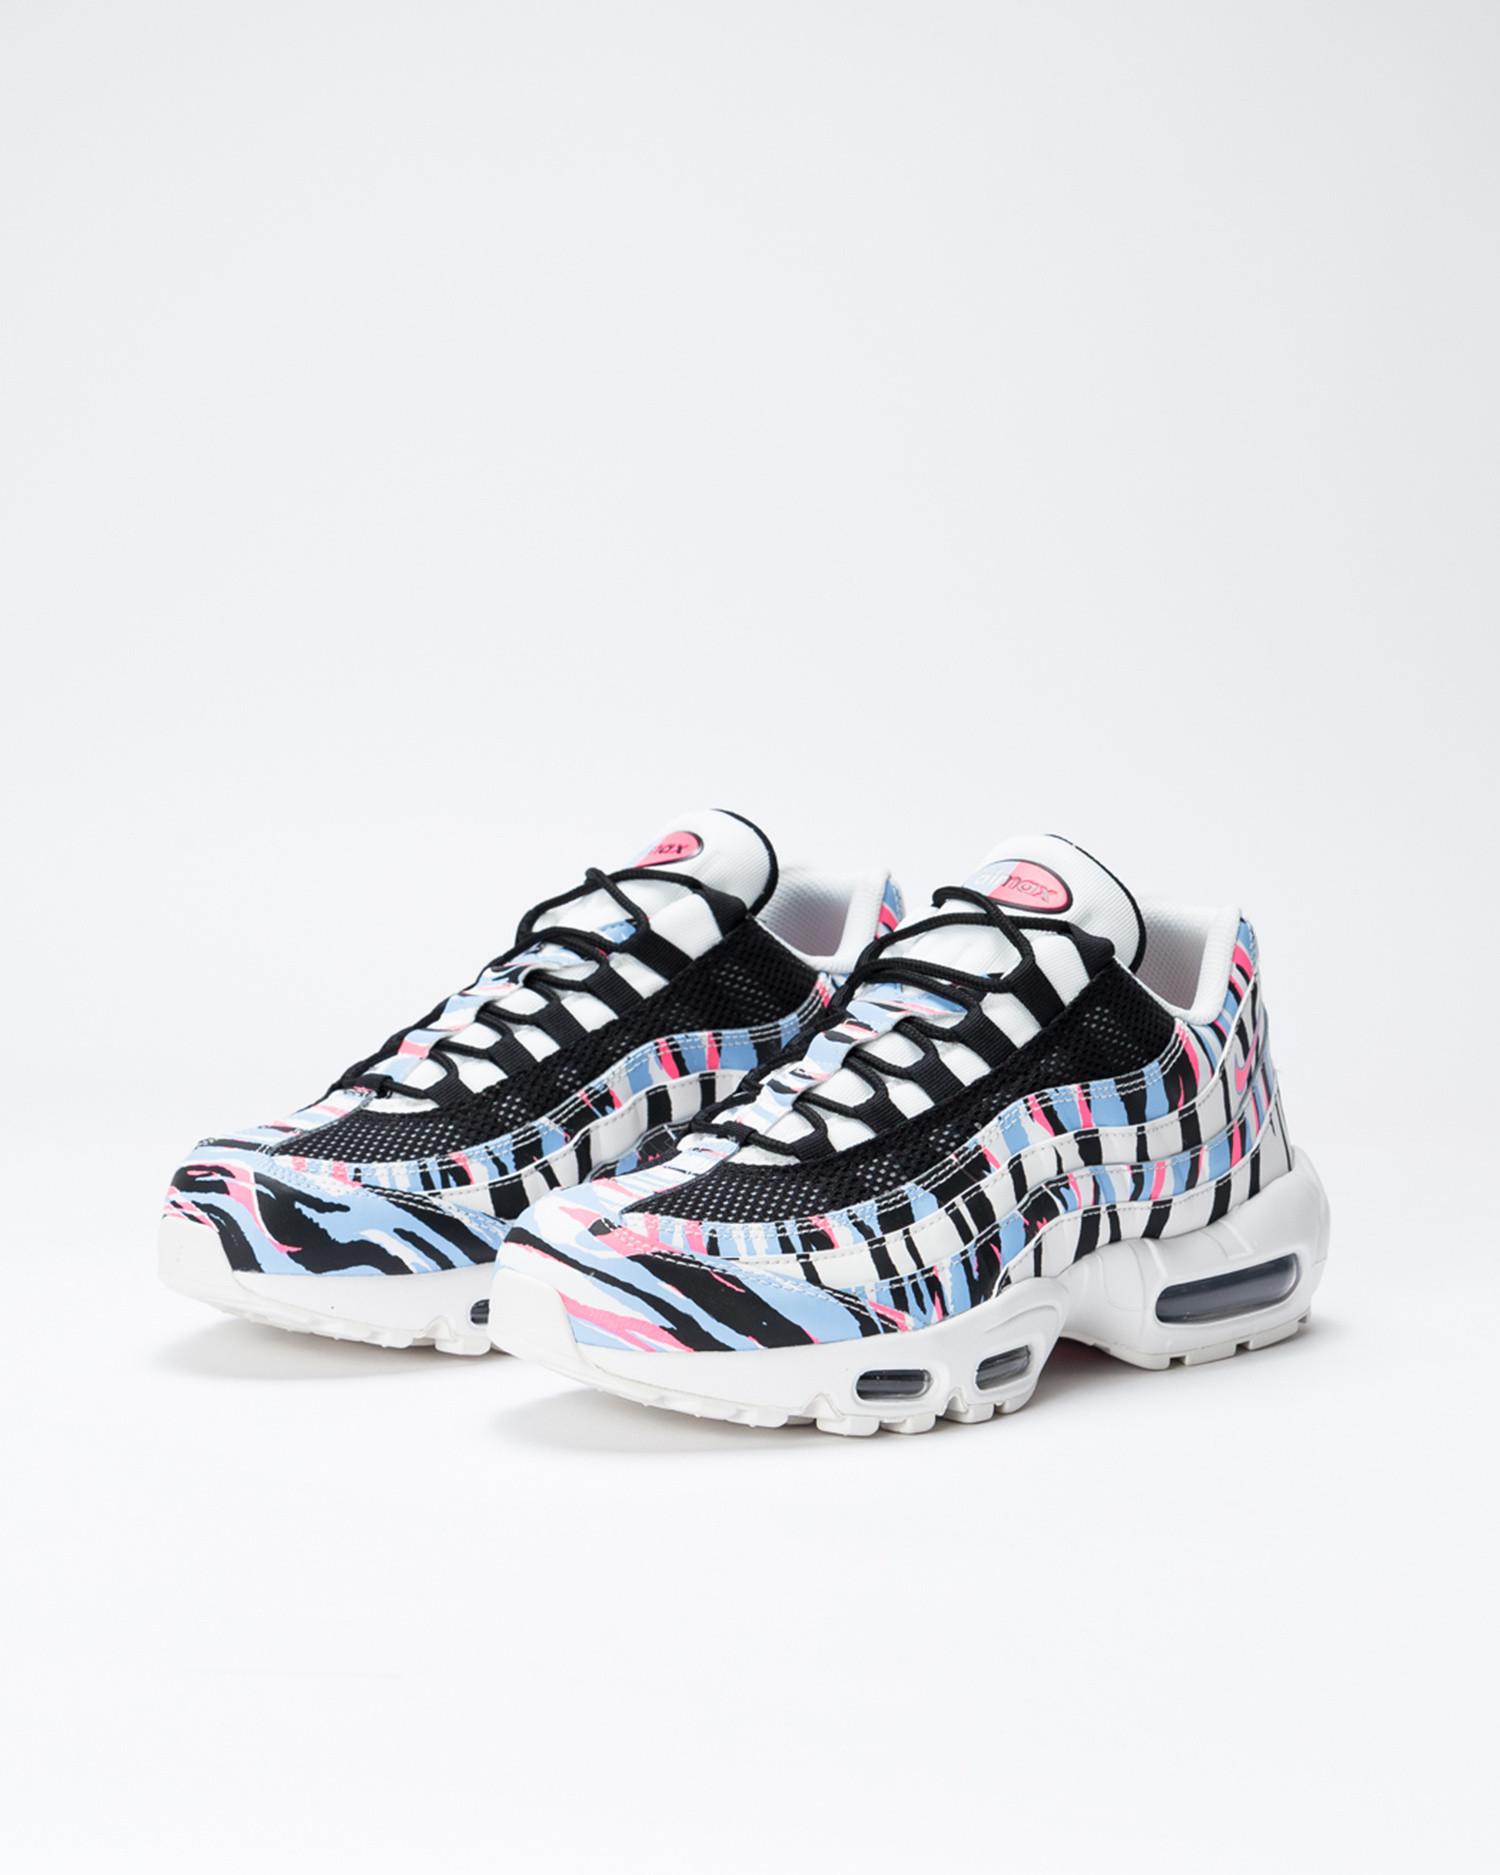 Nike Air Max 95 CTRY Korea Summit White/Black/Royal Tint/Racer Pink